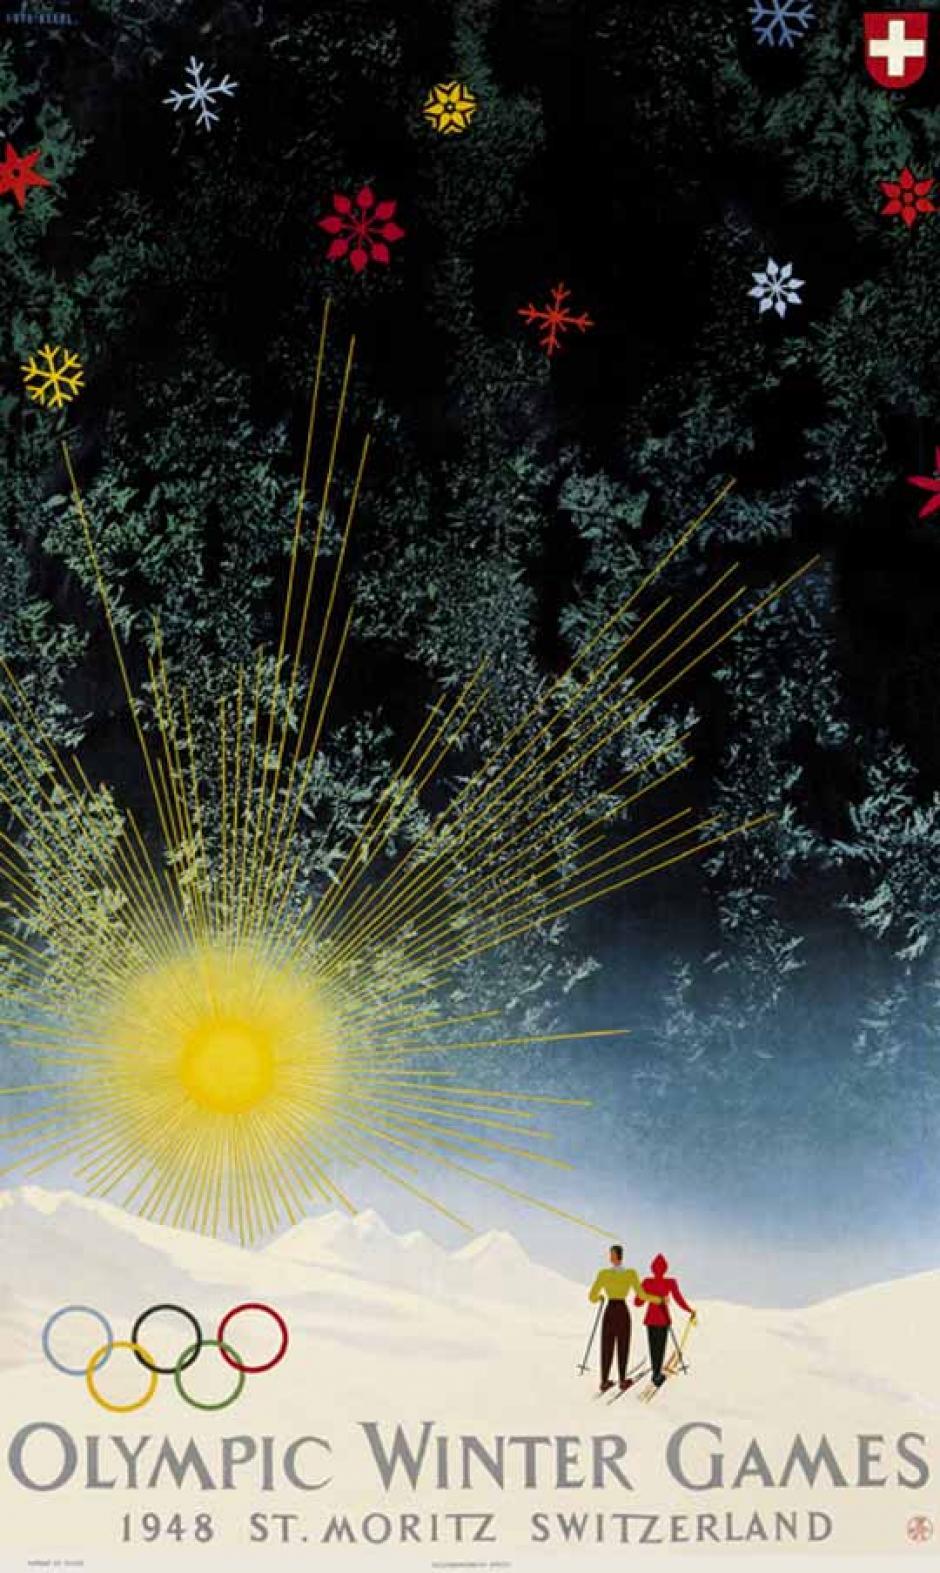 En 1948, Saint Moritz, Suiza repite como sede los juegos de invierno.